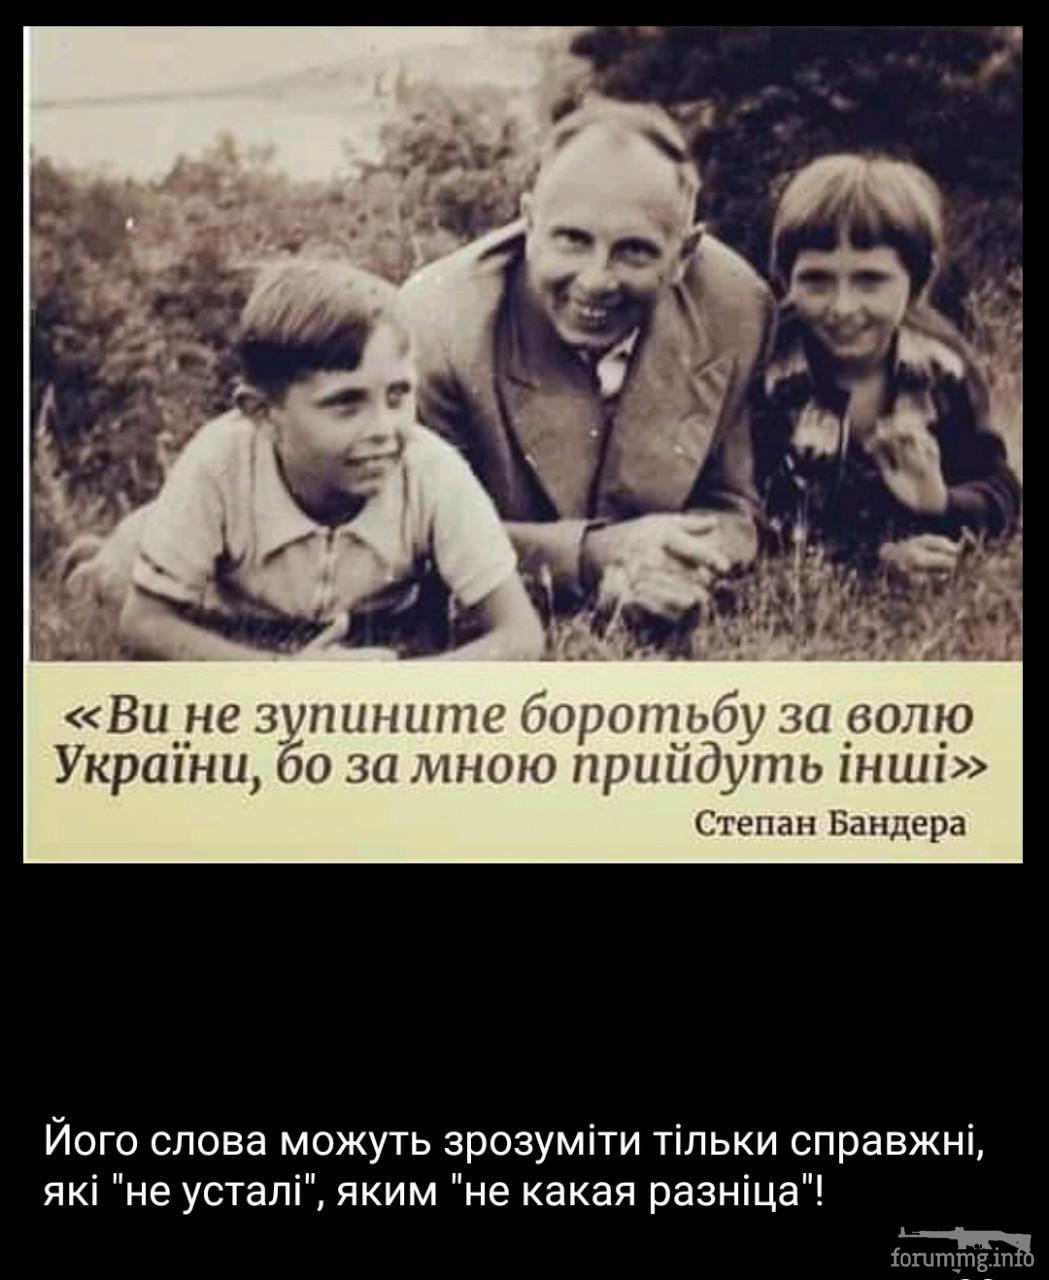 135587 - Украинцы и россияне,откуда ненависть.